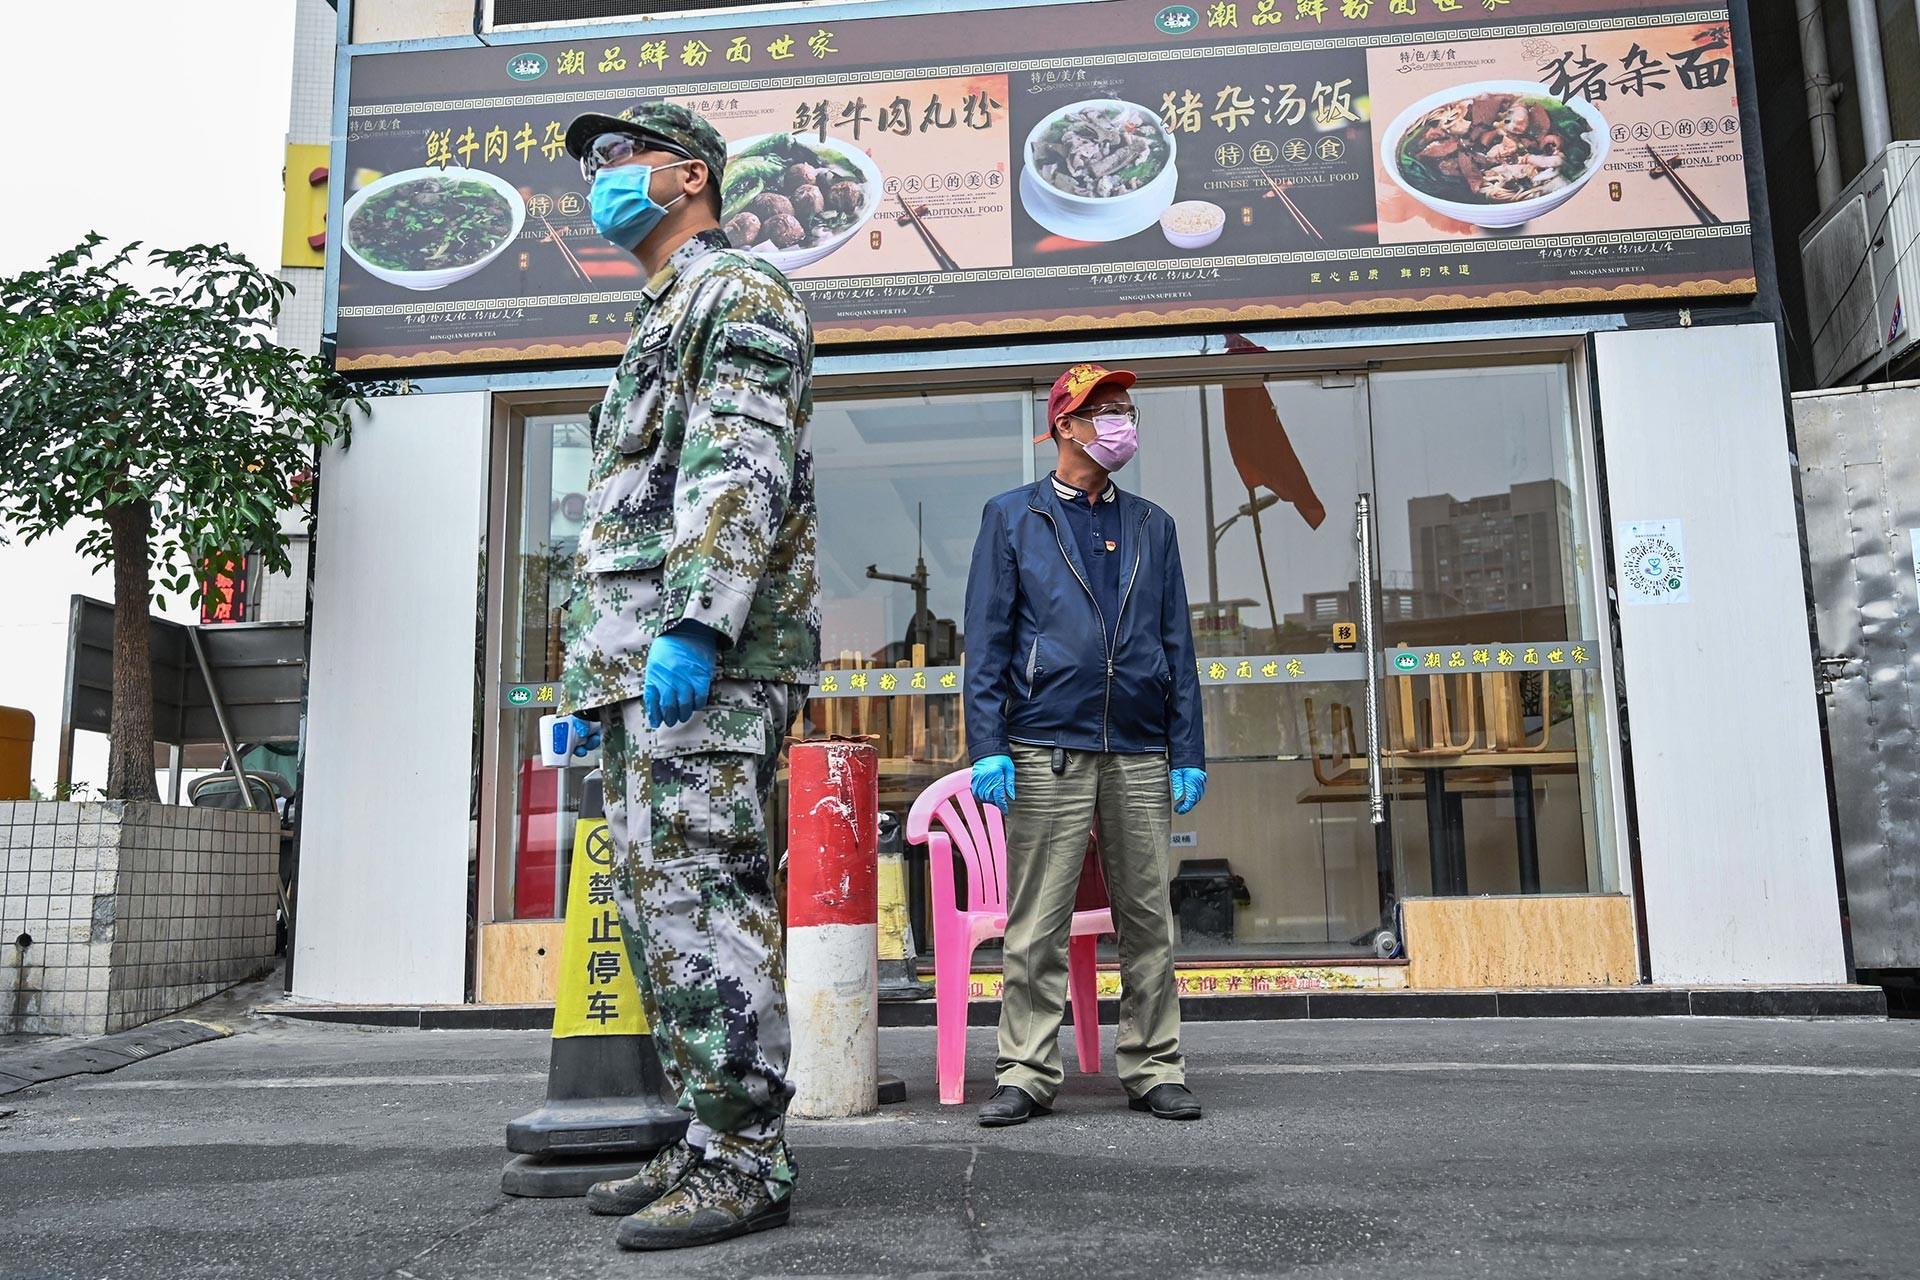 Çin'in Guangzhou kentinde güvenlik ve sağlık önlemleri artırıldı.